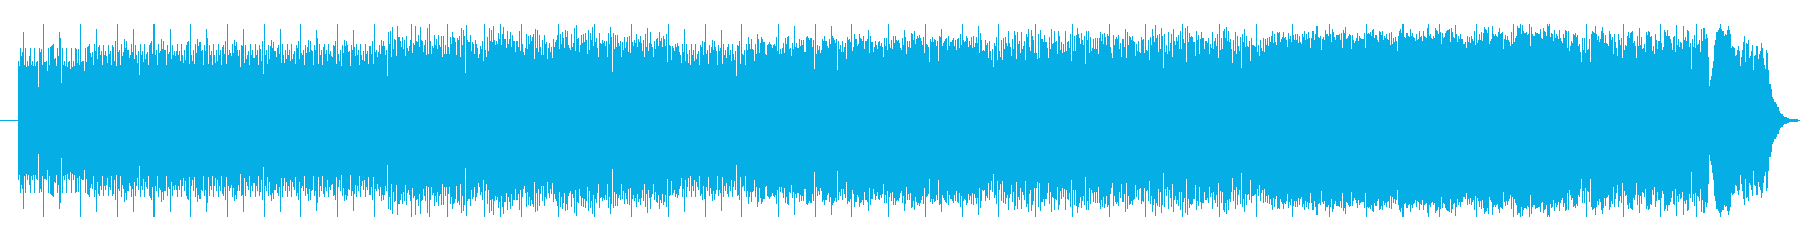 神秘的エレクトロダンスミュージックの再生済みの波形